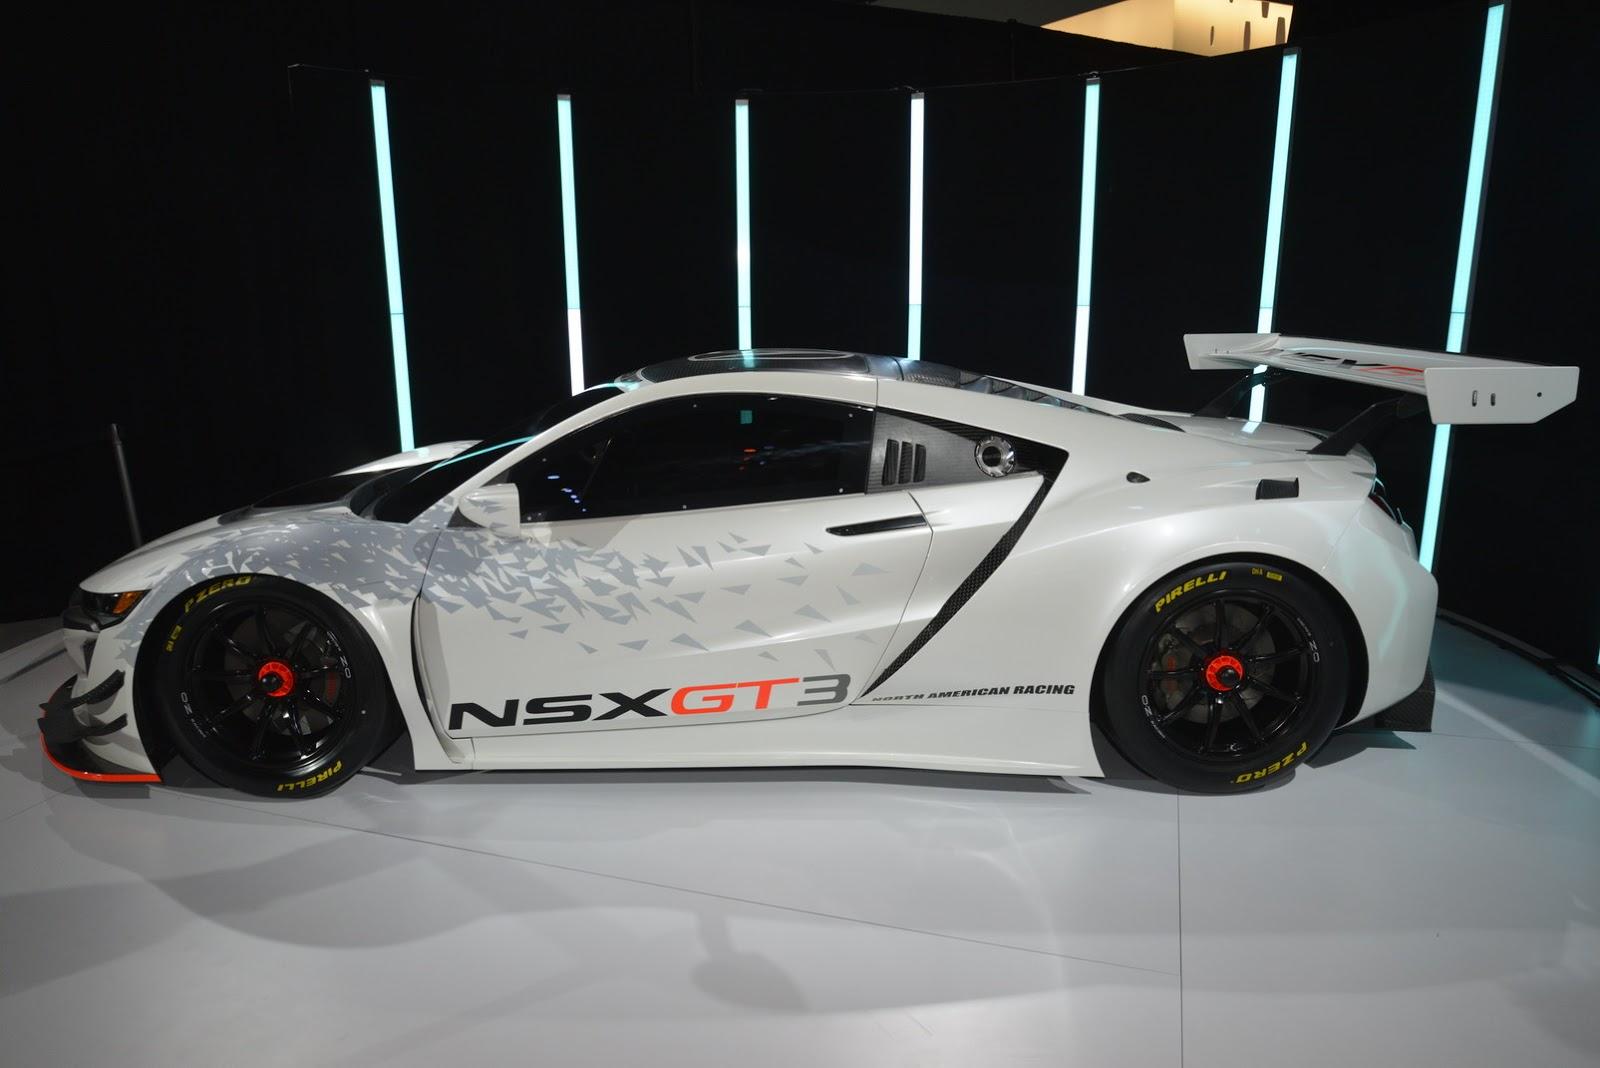 Siêu xe Acura NSX GT3 2017 đẹp mê hồn tại New York Auto Show